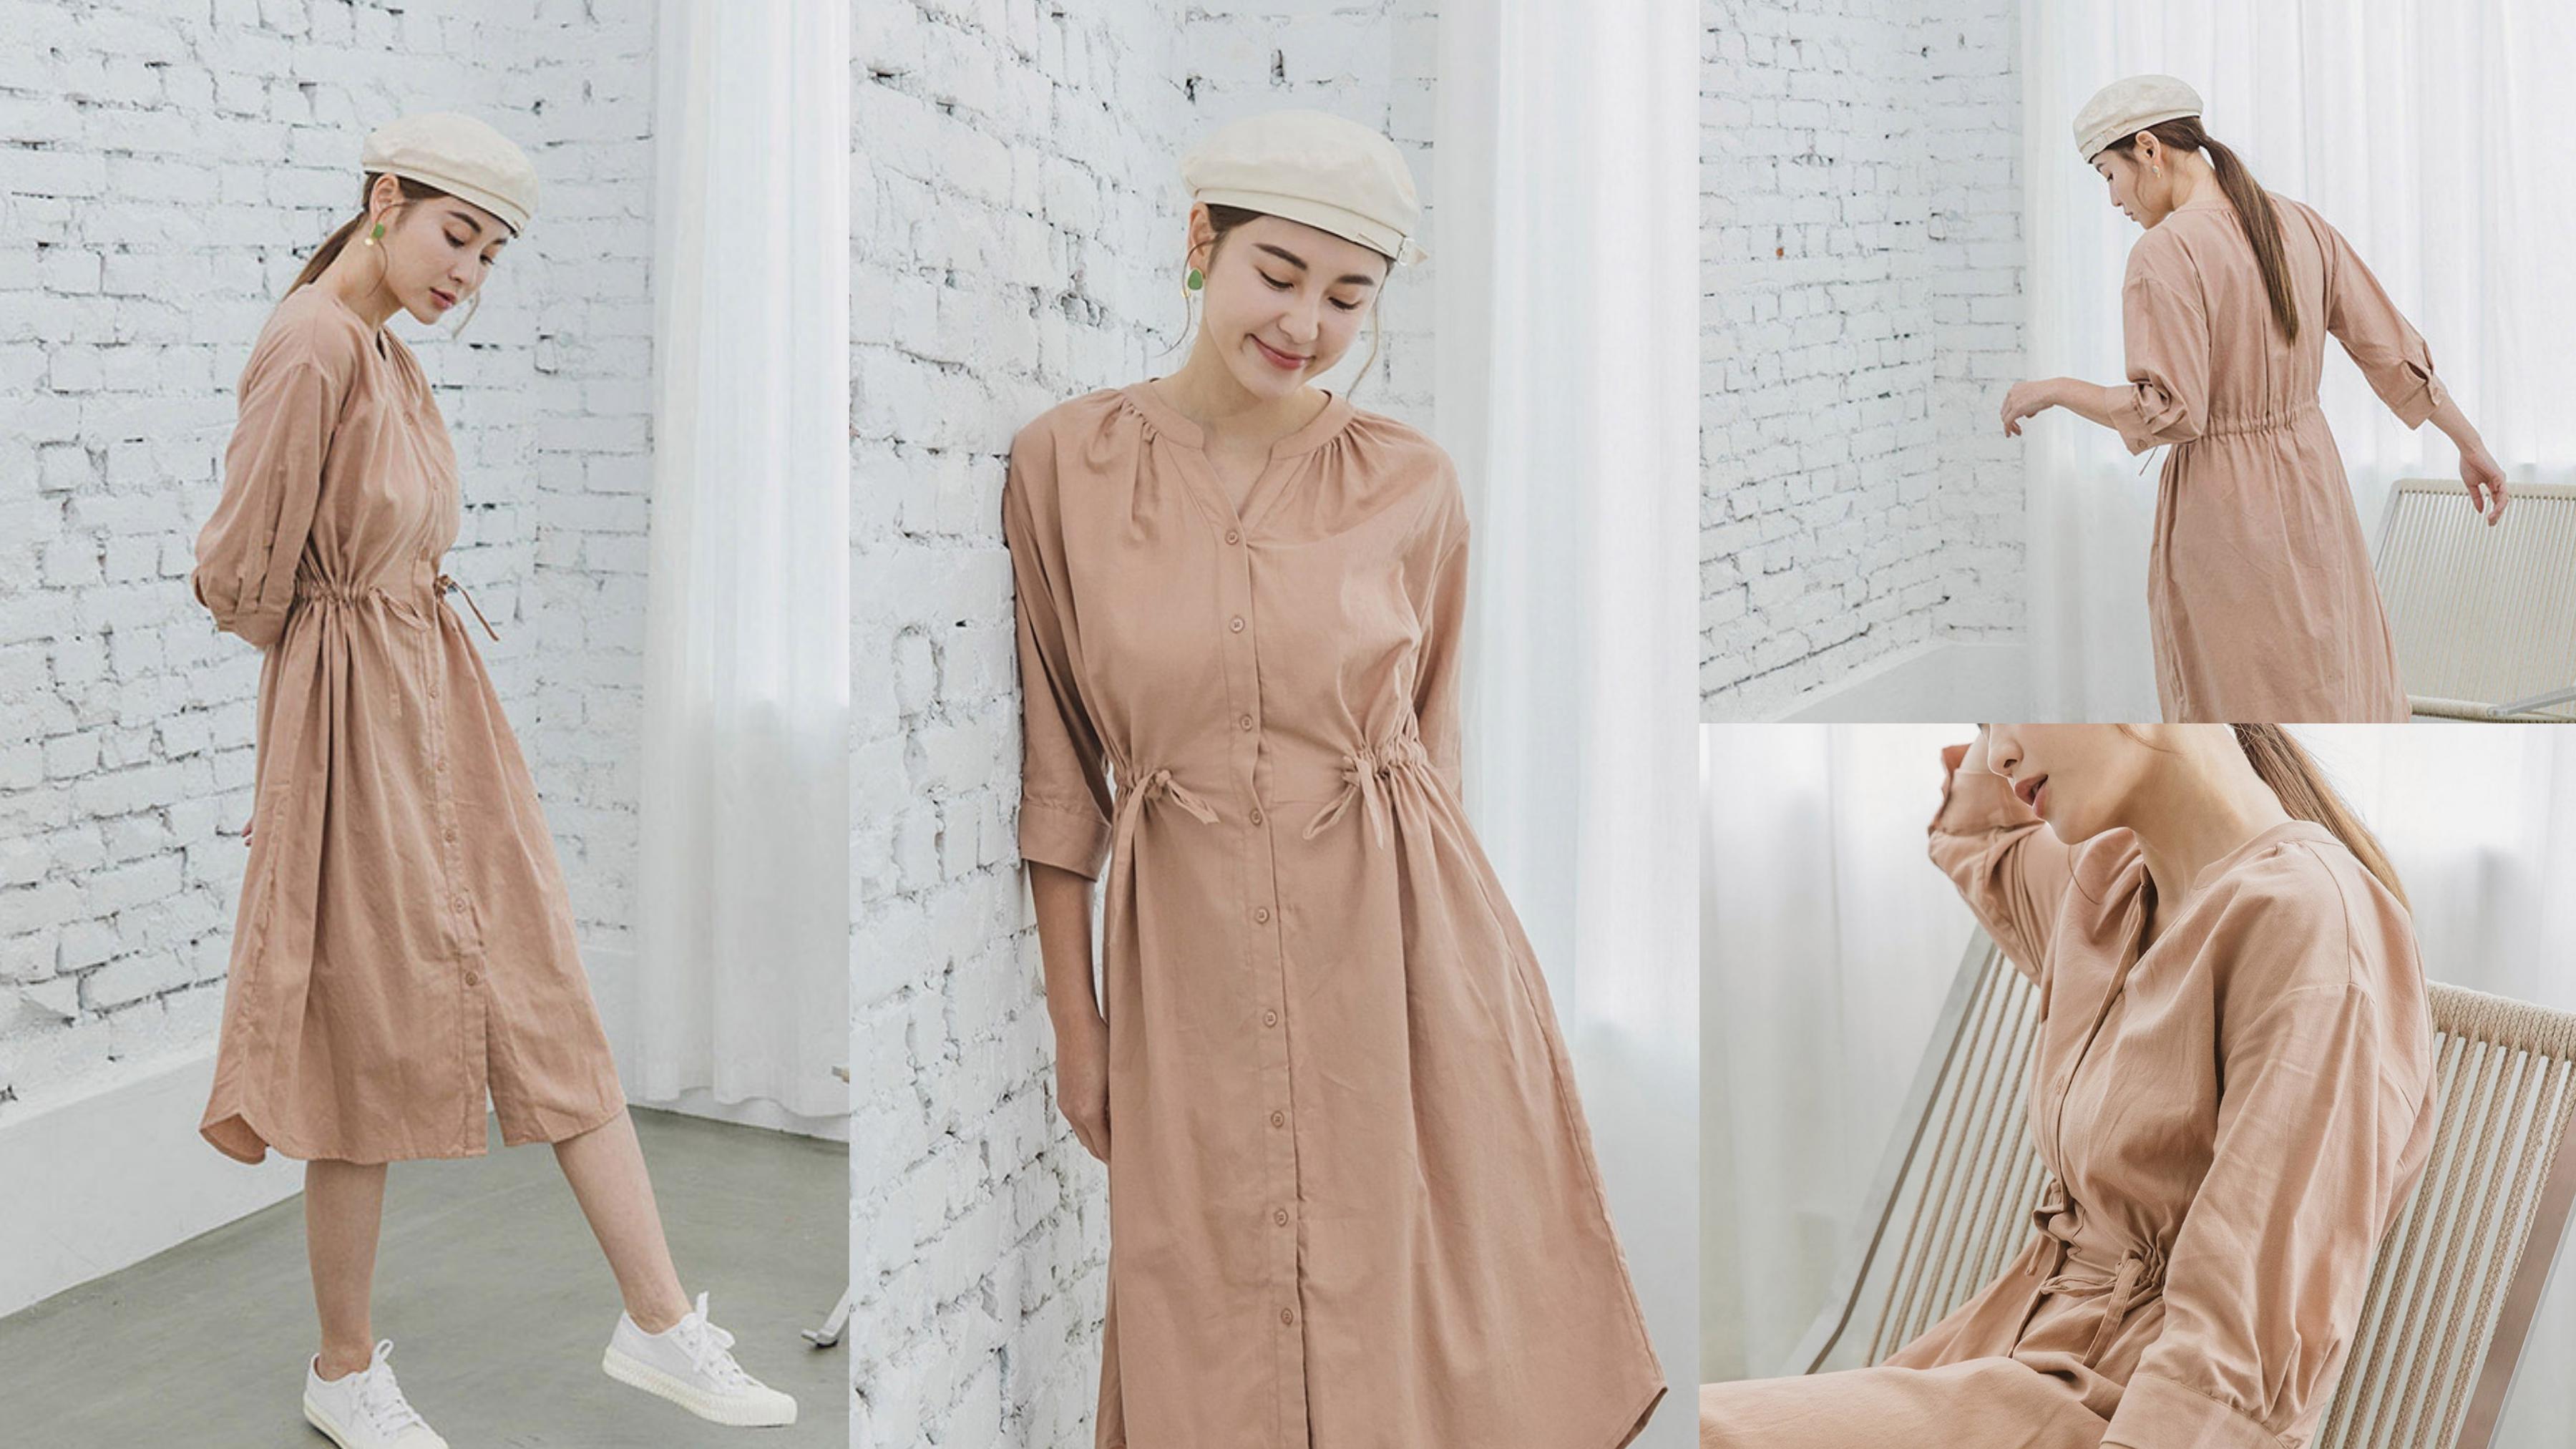 溫柔小姐姐專屬的奶茶色,穿起來就是迷人優雅